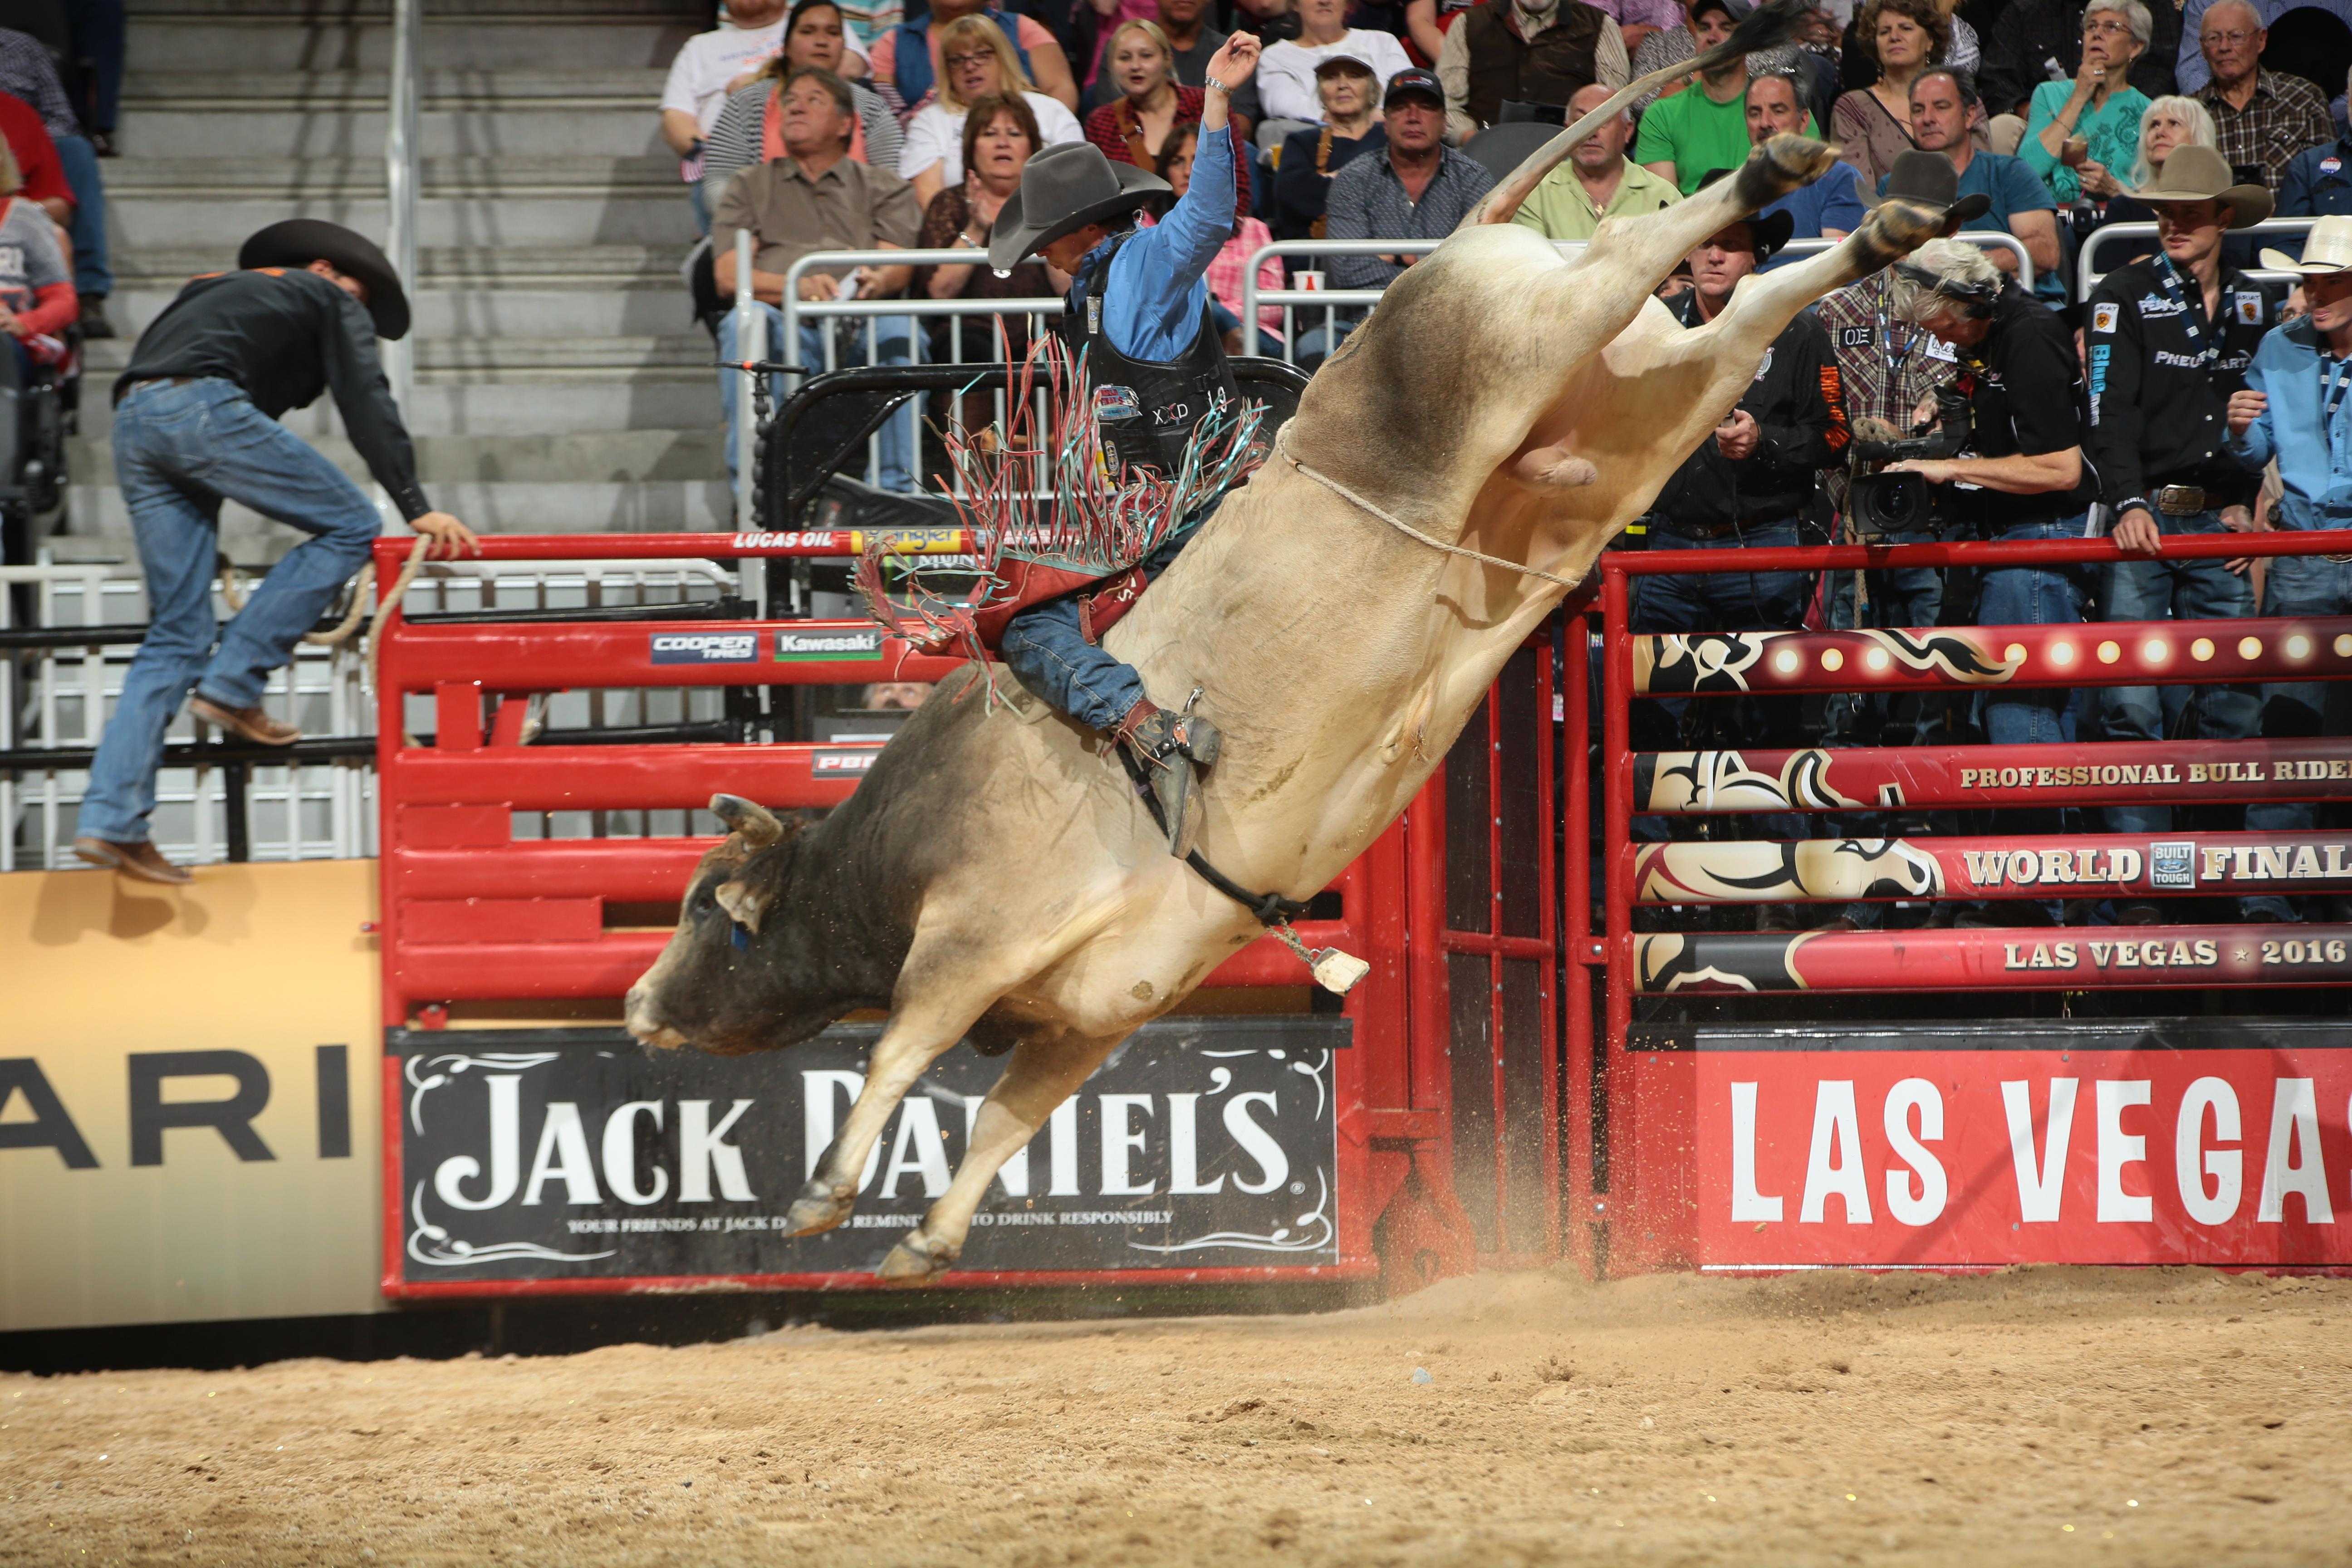 Man on a bull